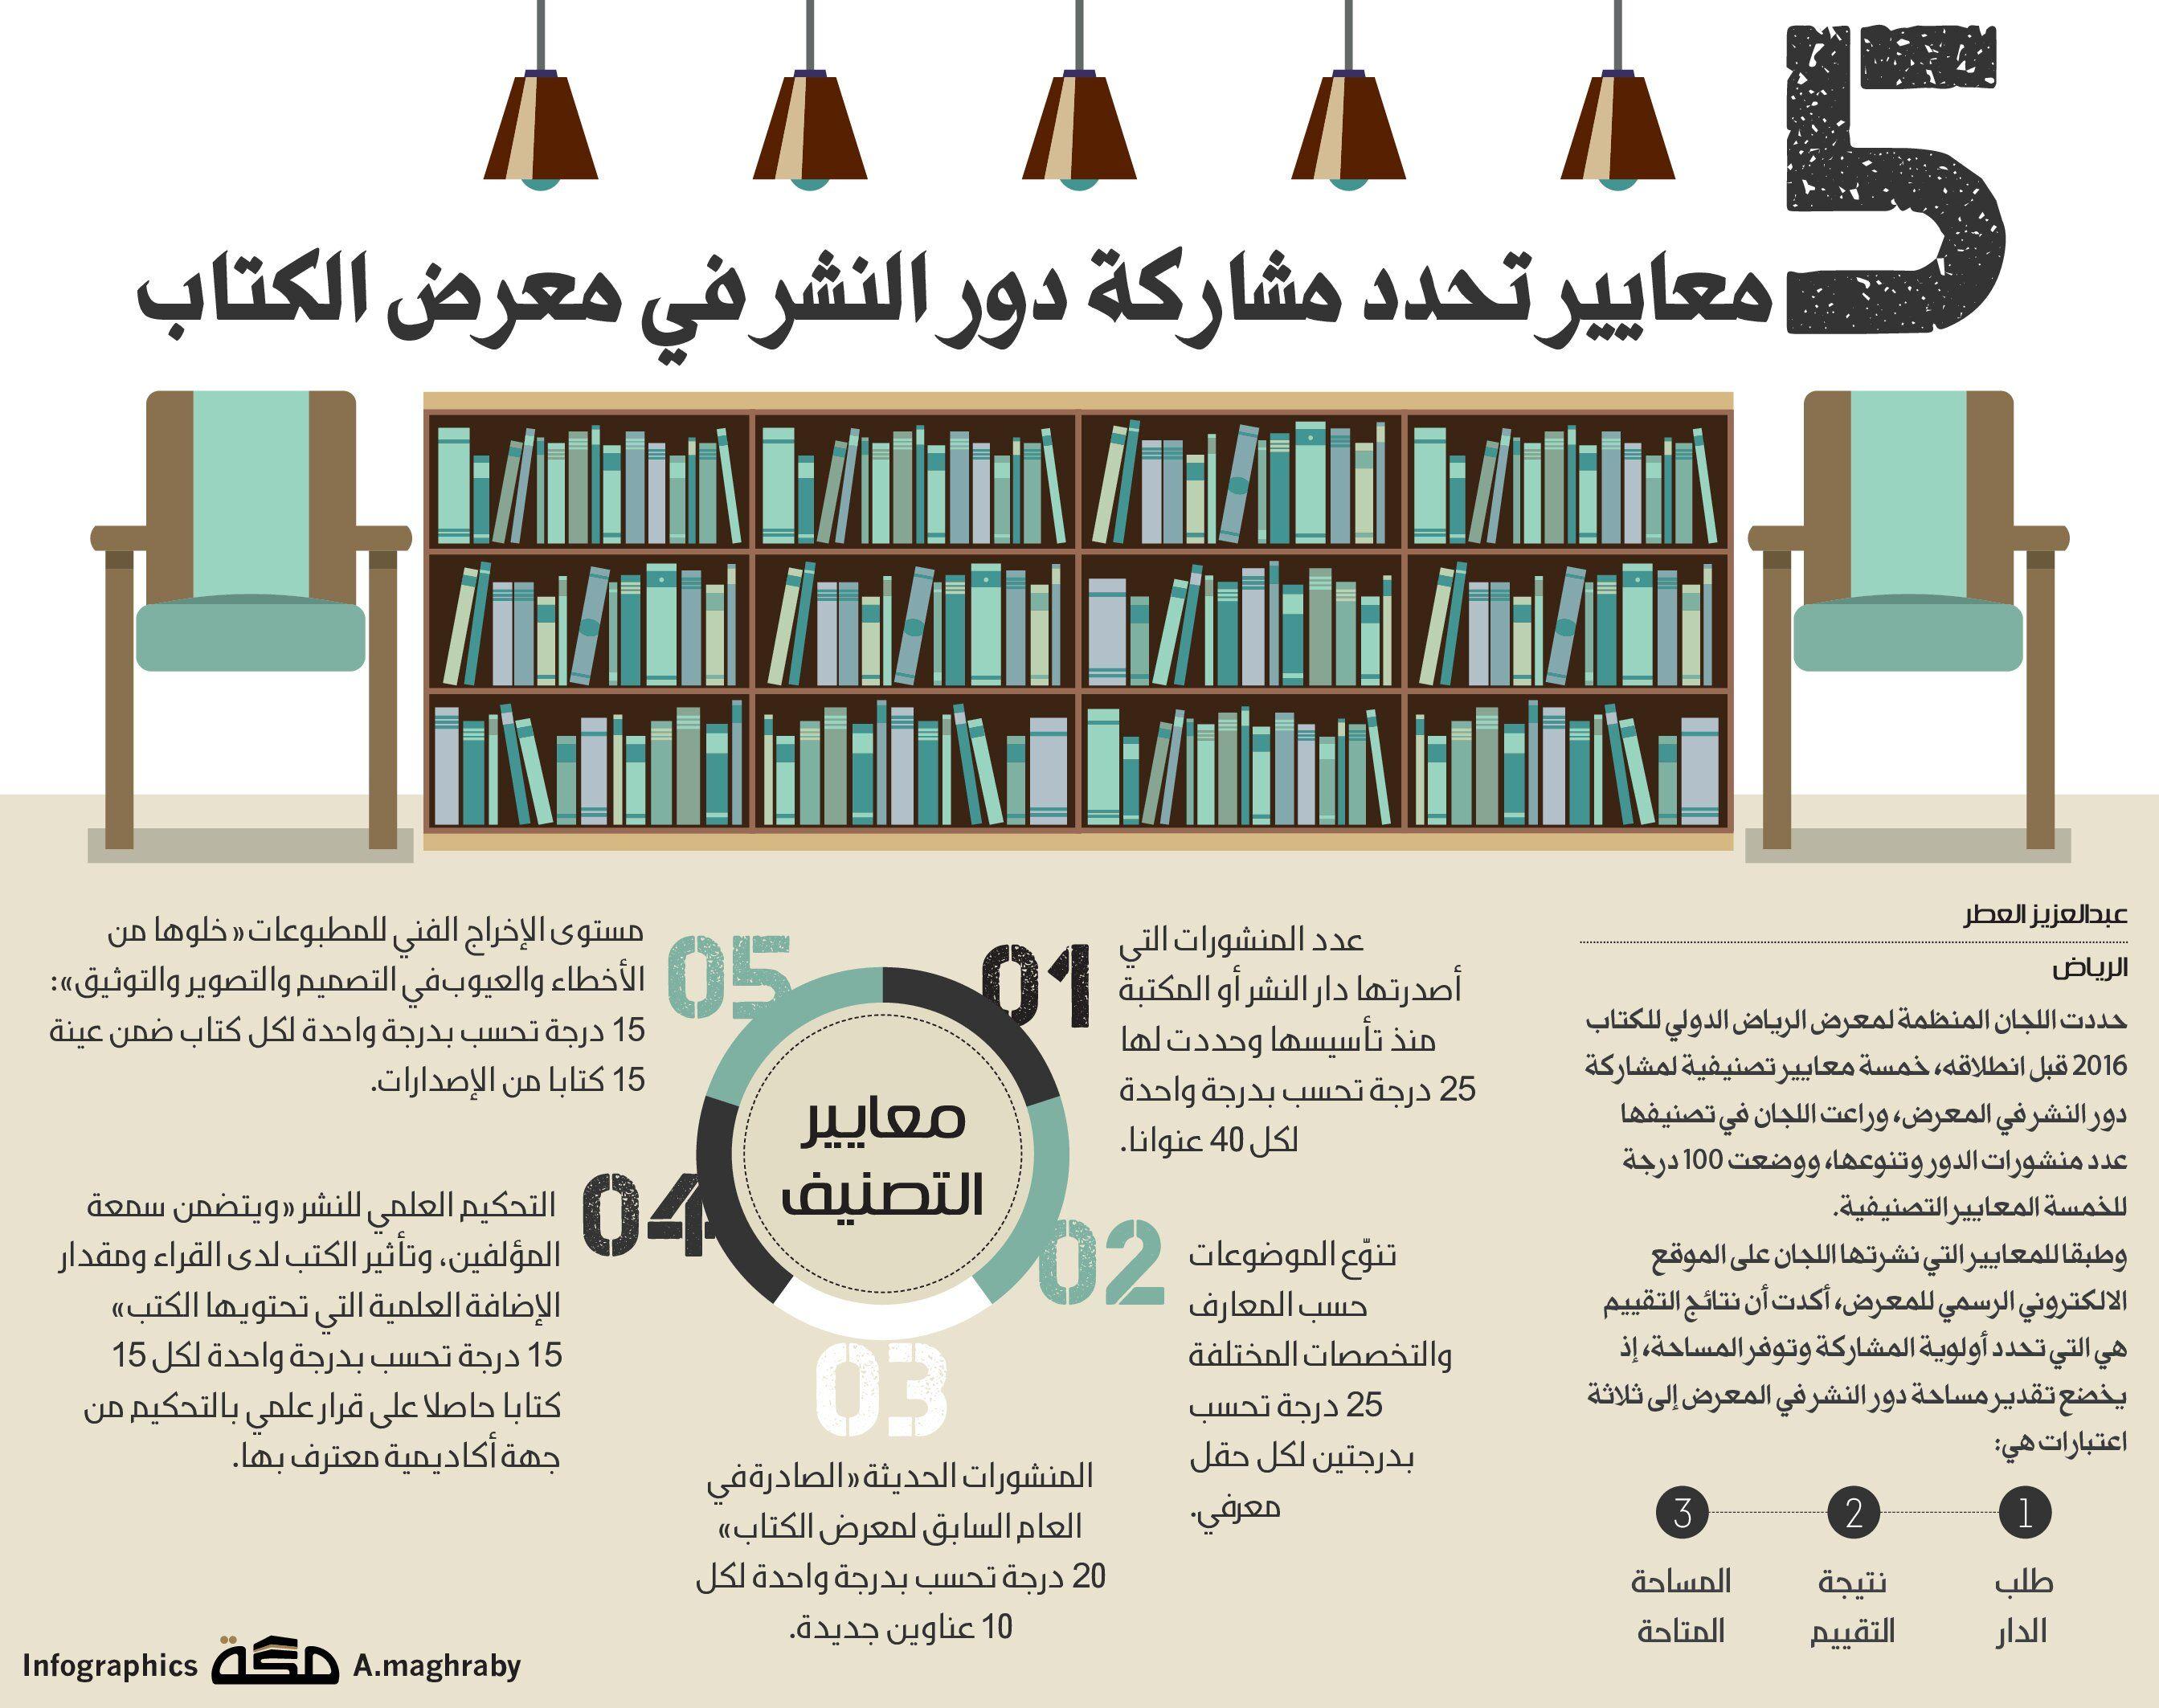 5 معايير تحدد مشاركة دور النشر في معرض الكتاب صحيفة مكة انفوجرافيك قراءة Infographic Magazine Rack Rack